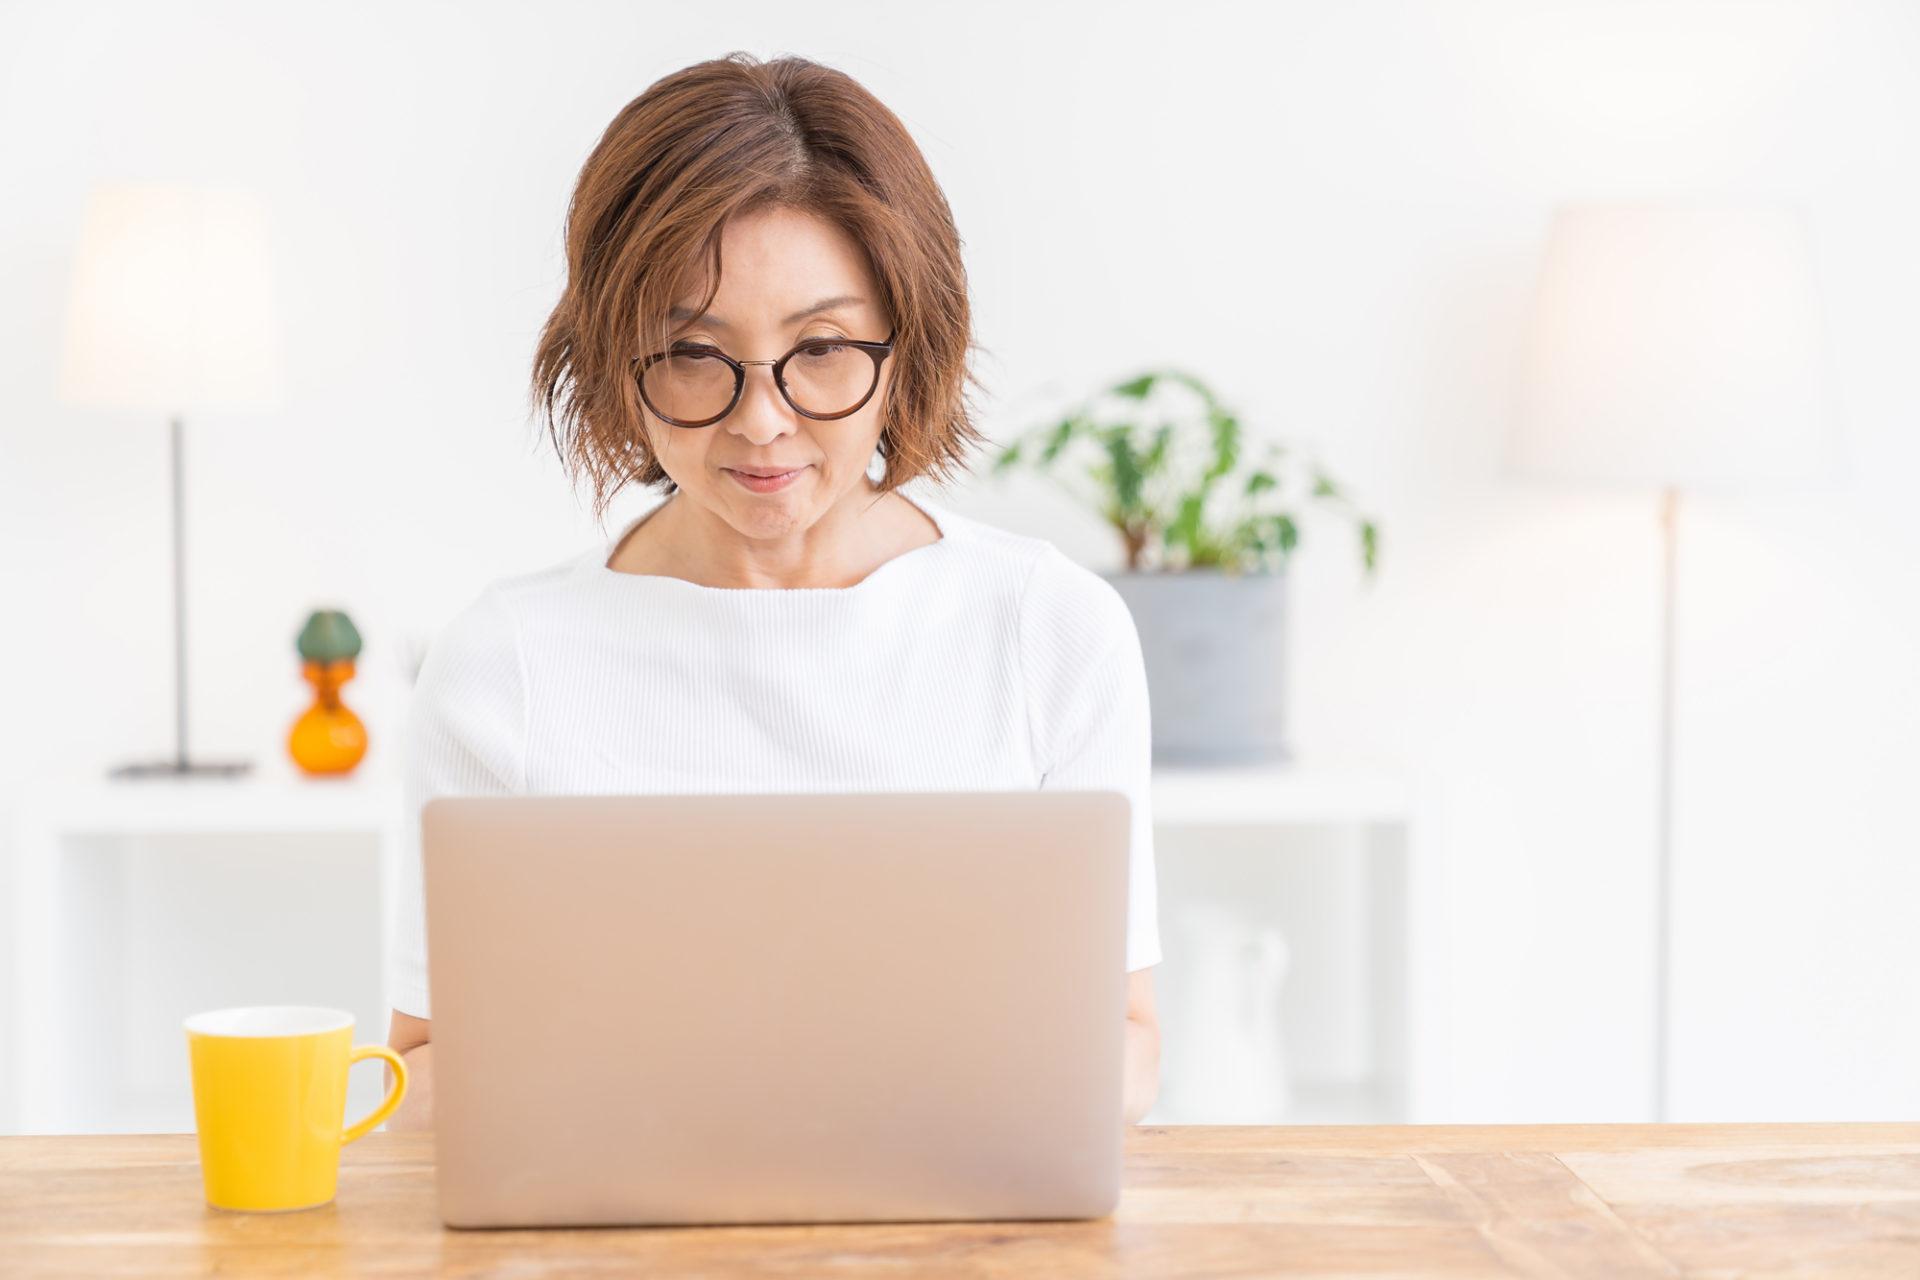 プログラミングに取り組むシニア女性